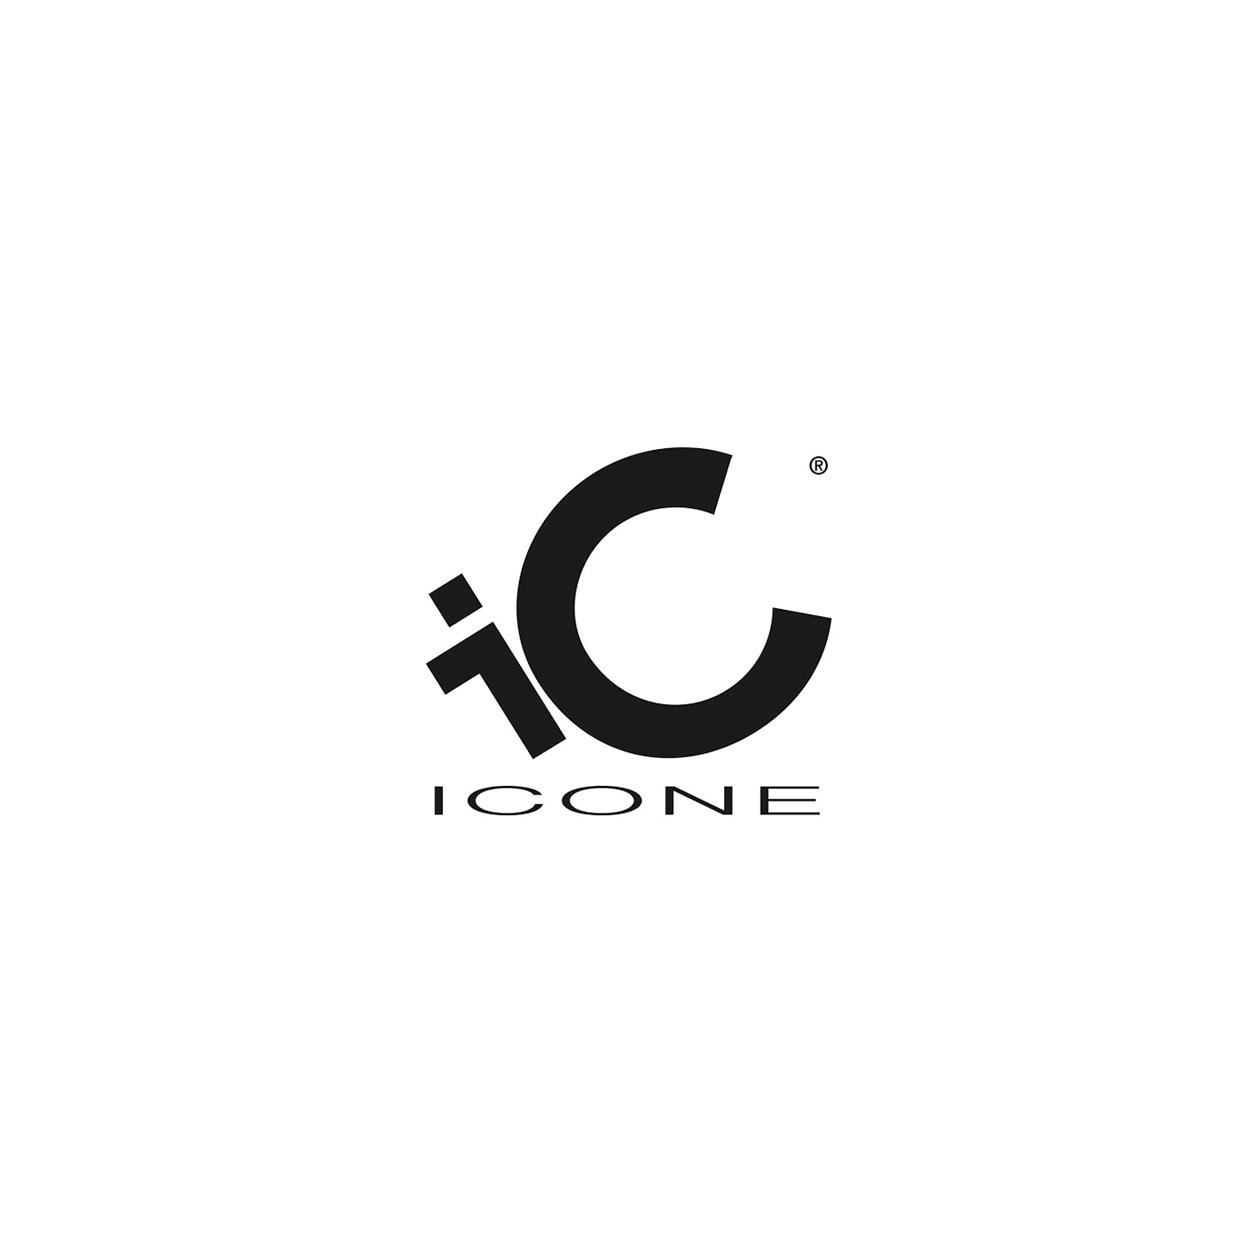 Icone - Objekte Licht & Raum GmbH in Hamburg